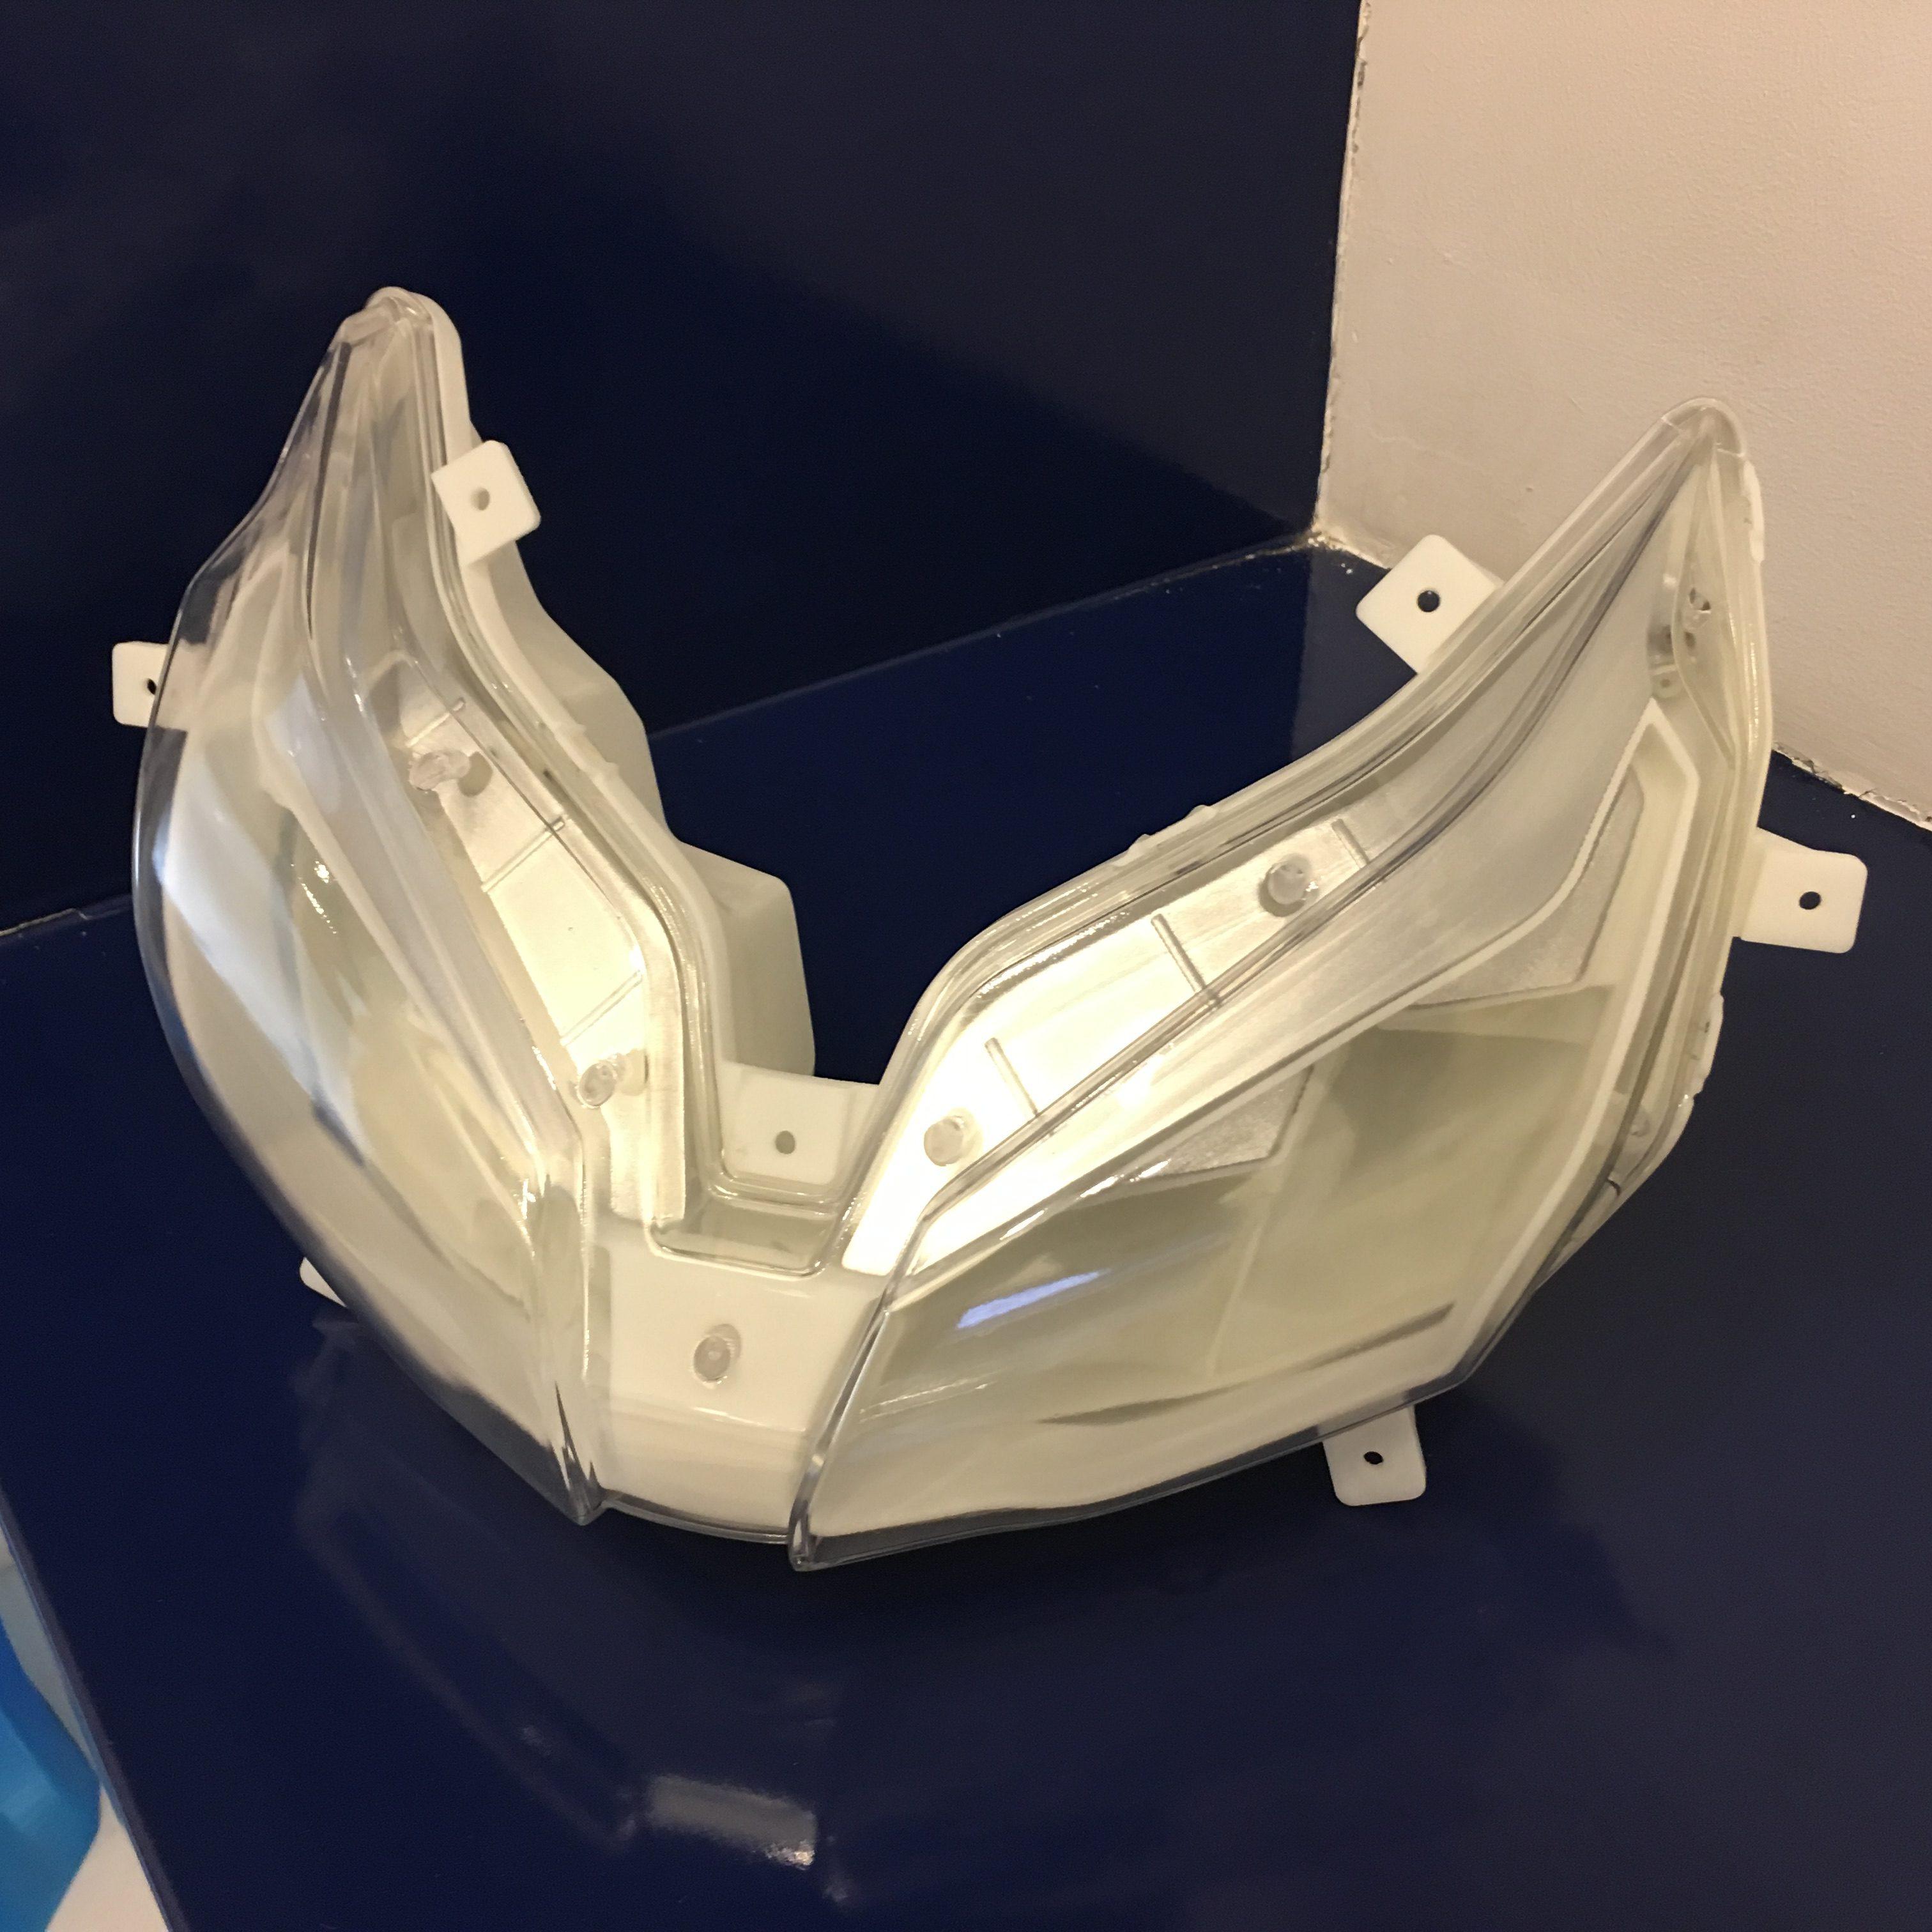 Pièce transparente imprimée en SLA 3D sur imprimante 3D SystemX